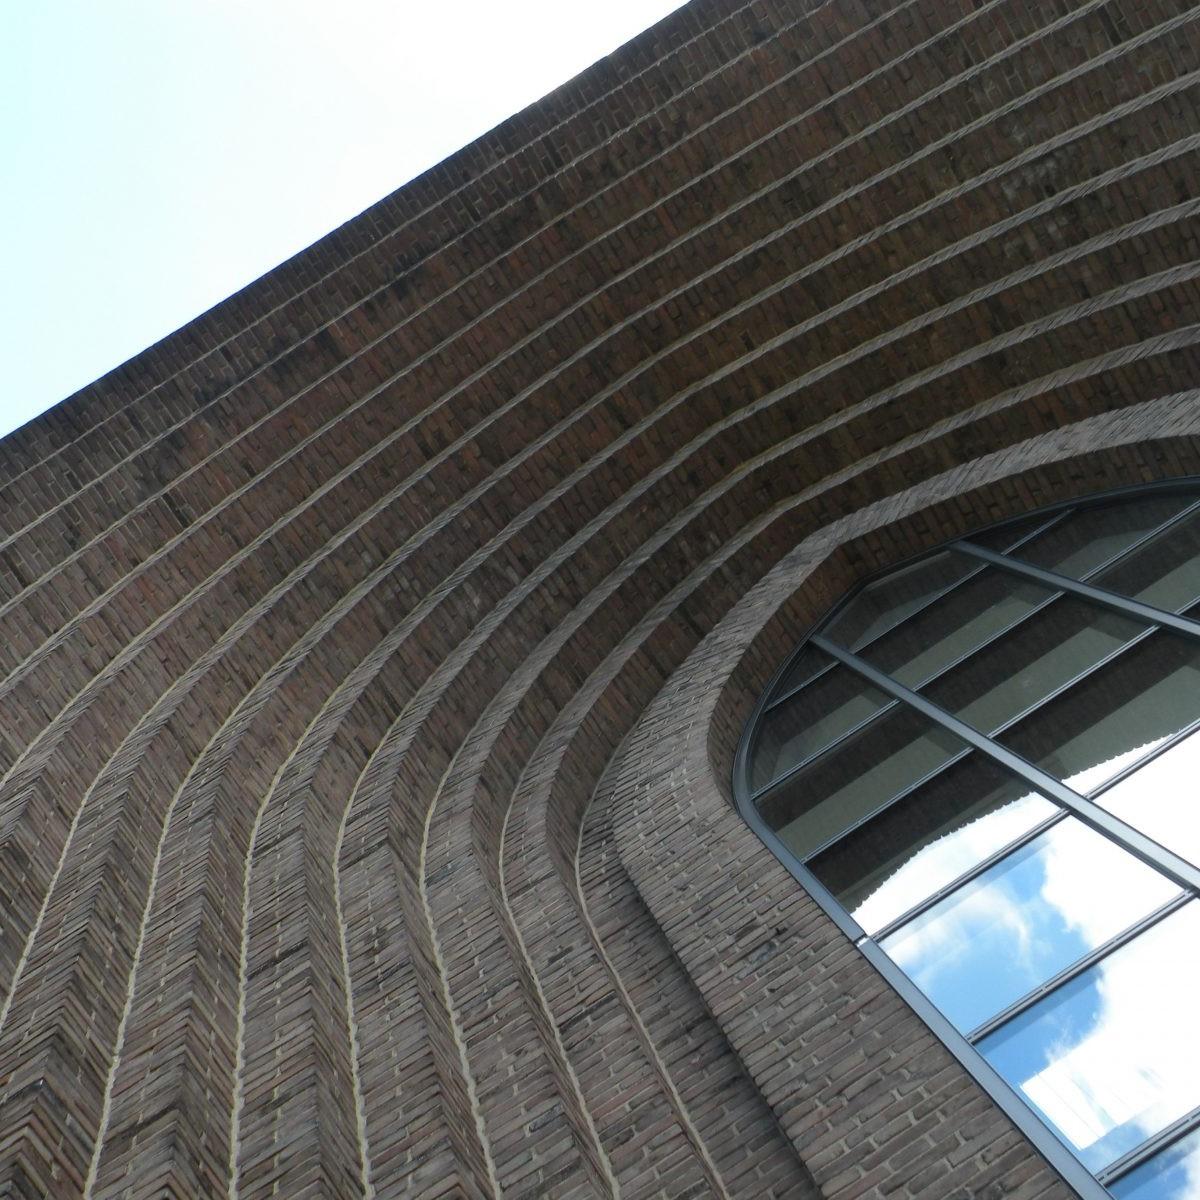 Münster: Dreifaltigkeitskirche, Grevener Straße (Architekten: Benteler & Wörmann, 1938/39) - Foto: Stefan Rethfeld